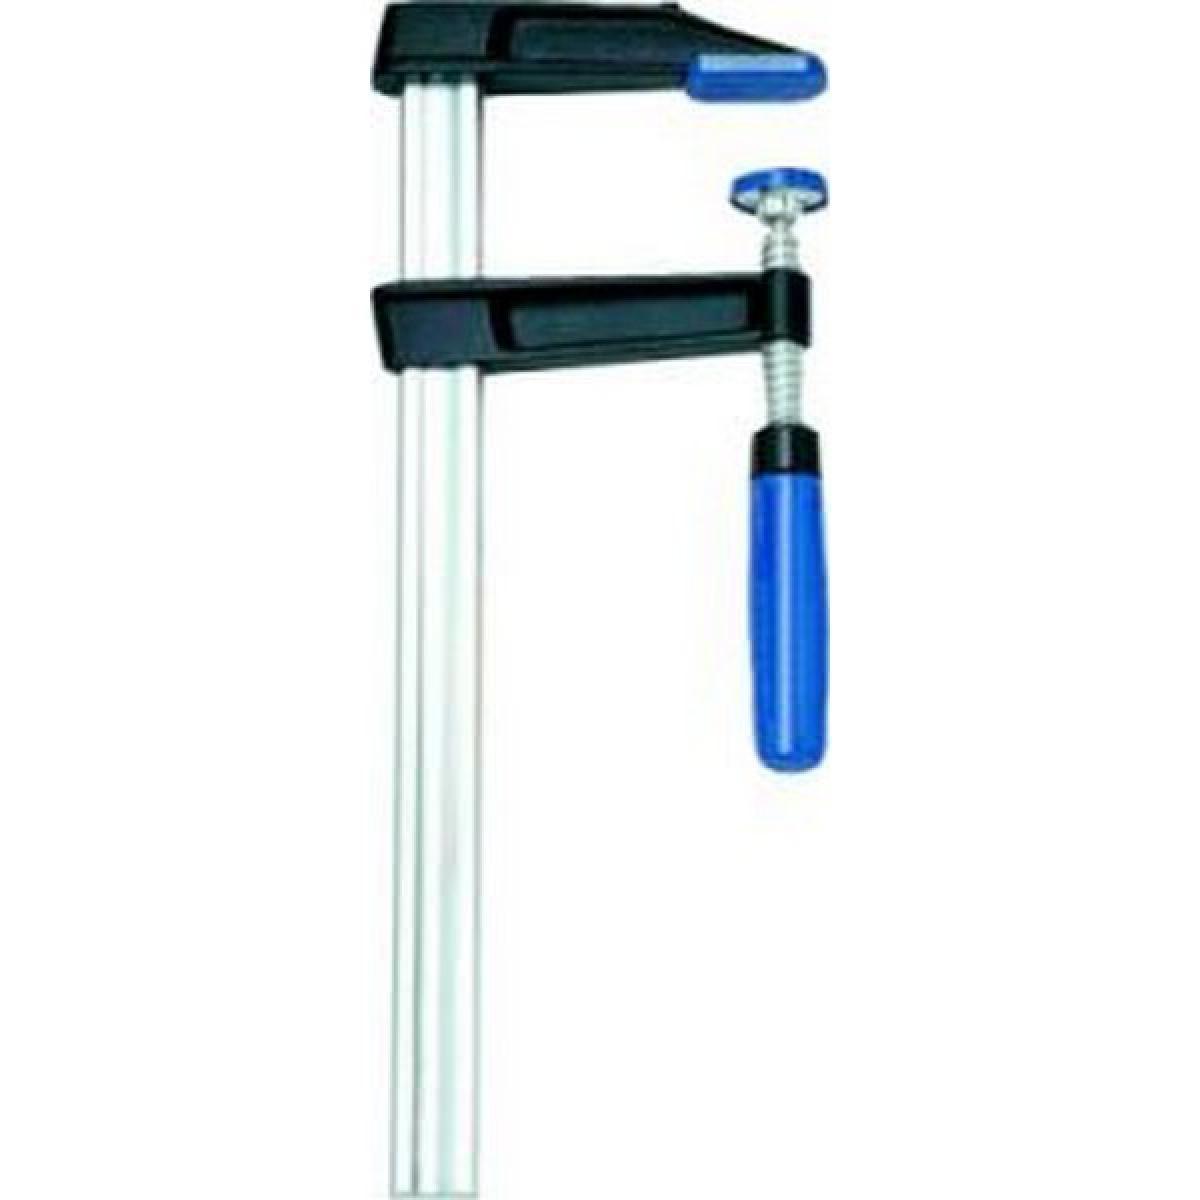 Forum Serre-joint en fonte malléable, Capacité de serrage : 1000 mm, Portée 120 mm, Glissière 35 x 11 mm